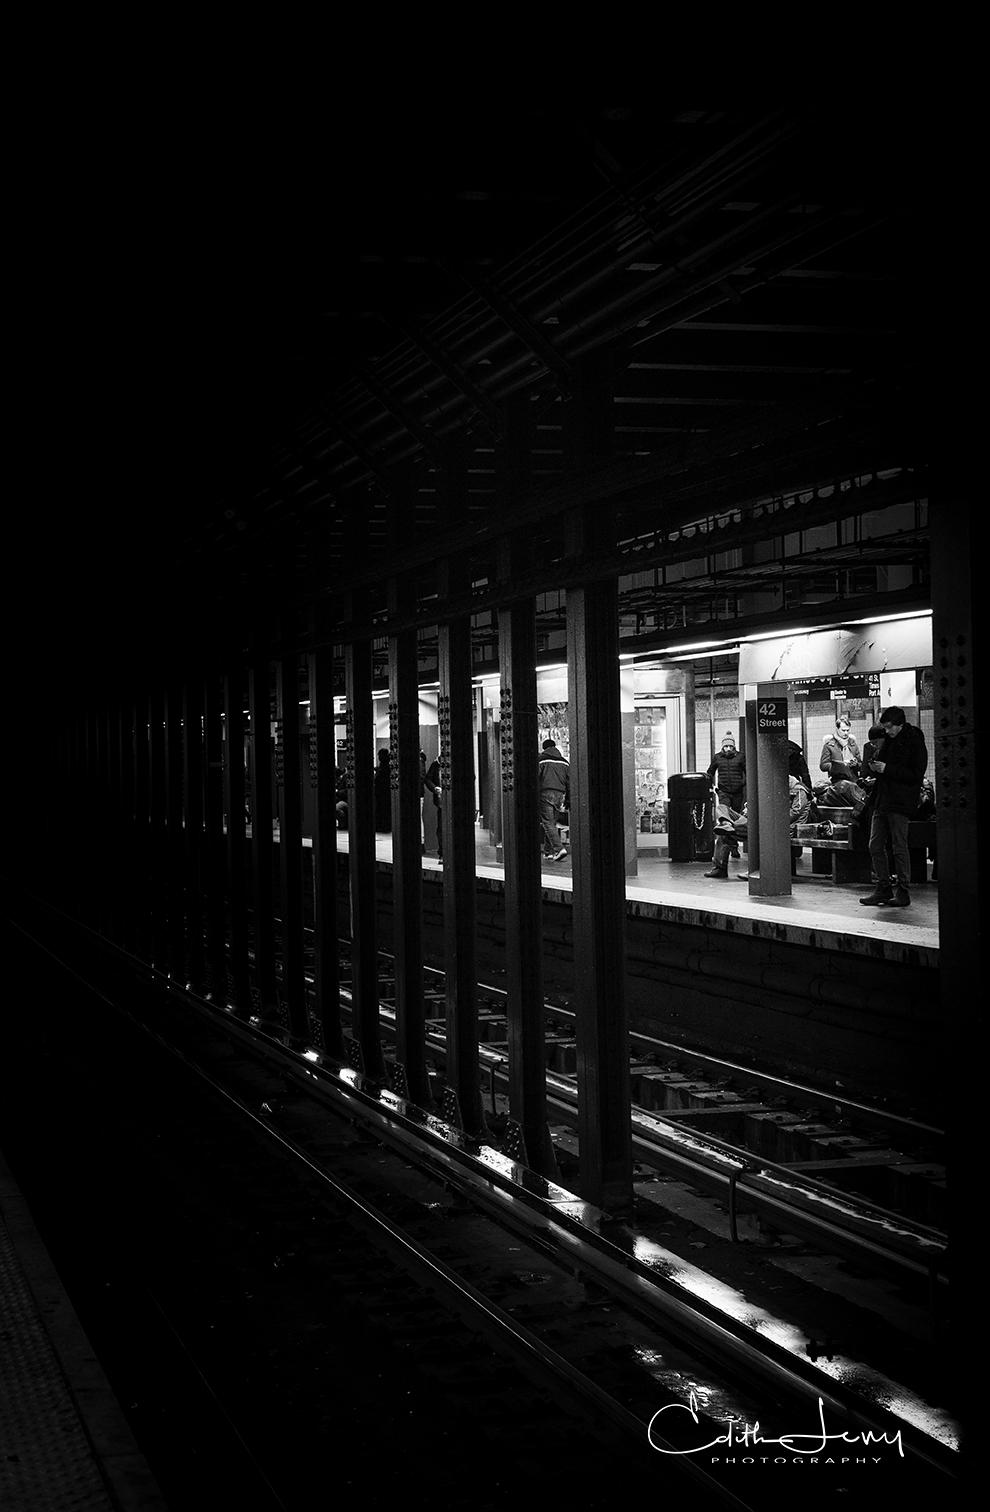 New York, subway, tableau, stories, Manhattan, photo